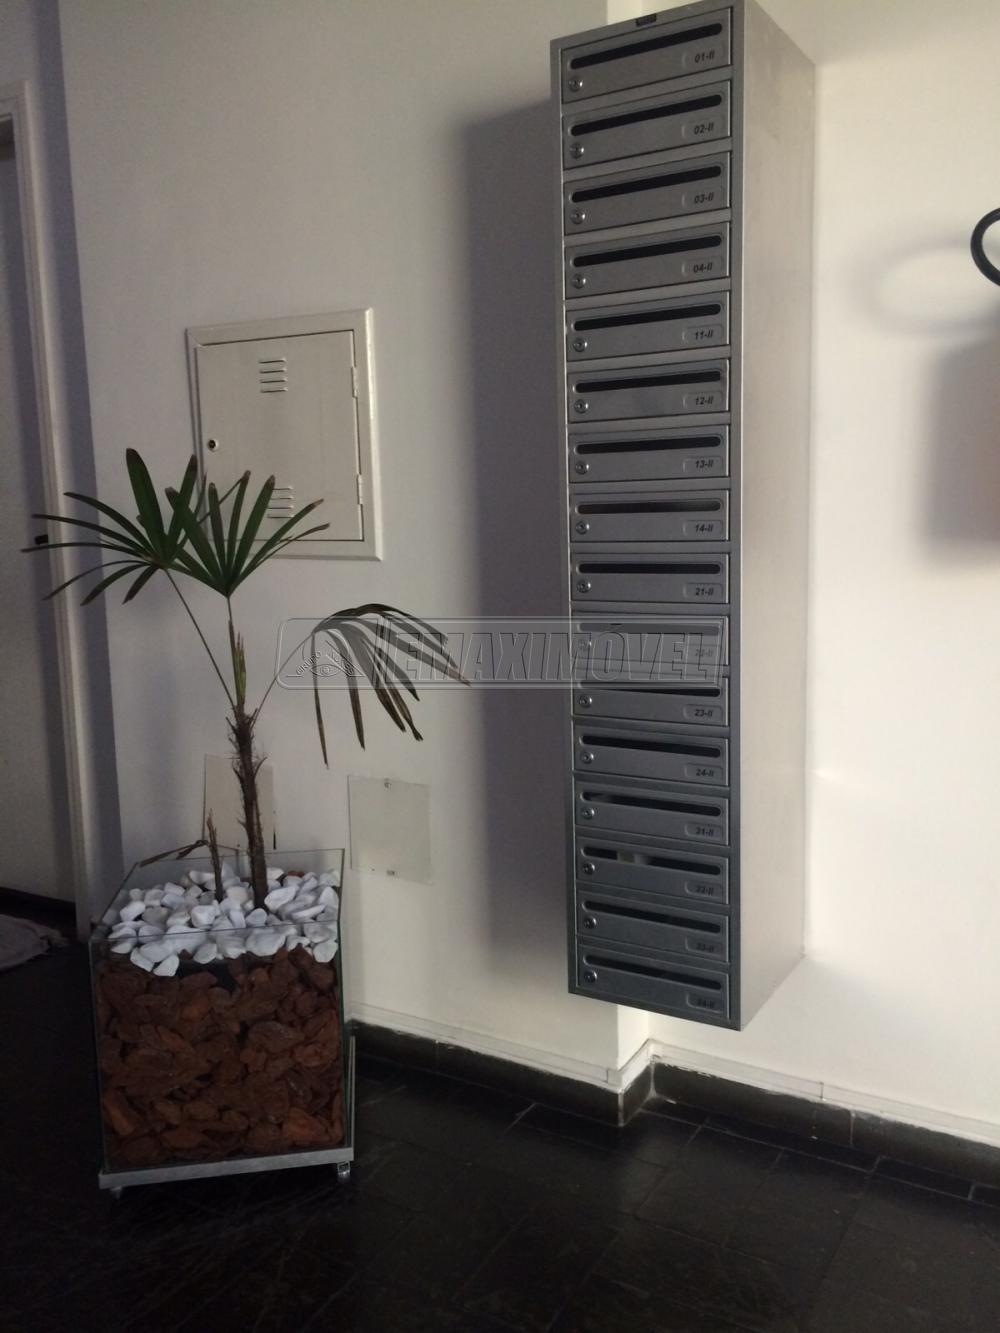 Alugar Apartamentos / Apto Padrão em Sorocaba apenas R$ 1.160,00 - Foto 20